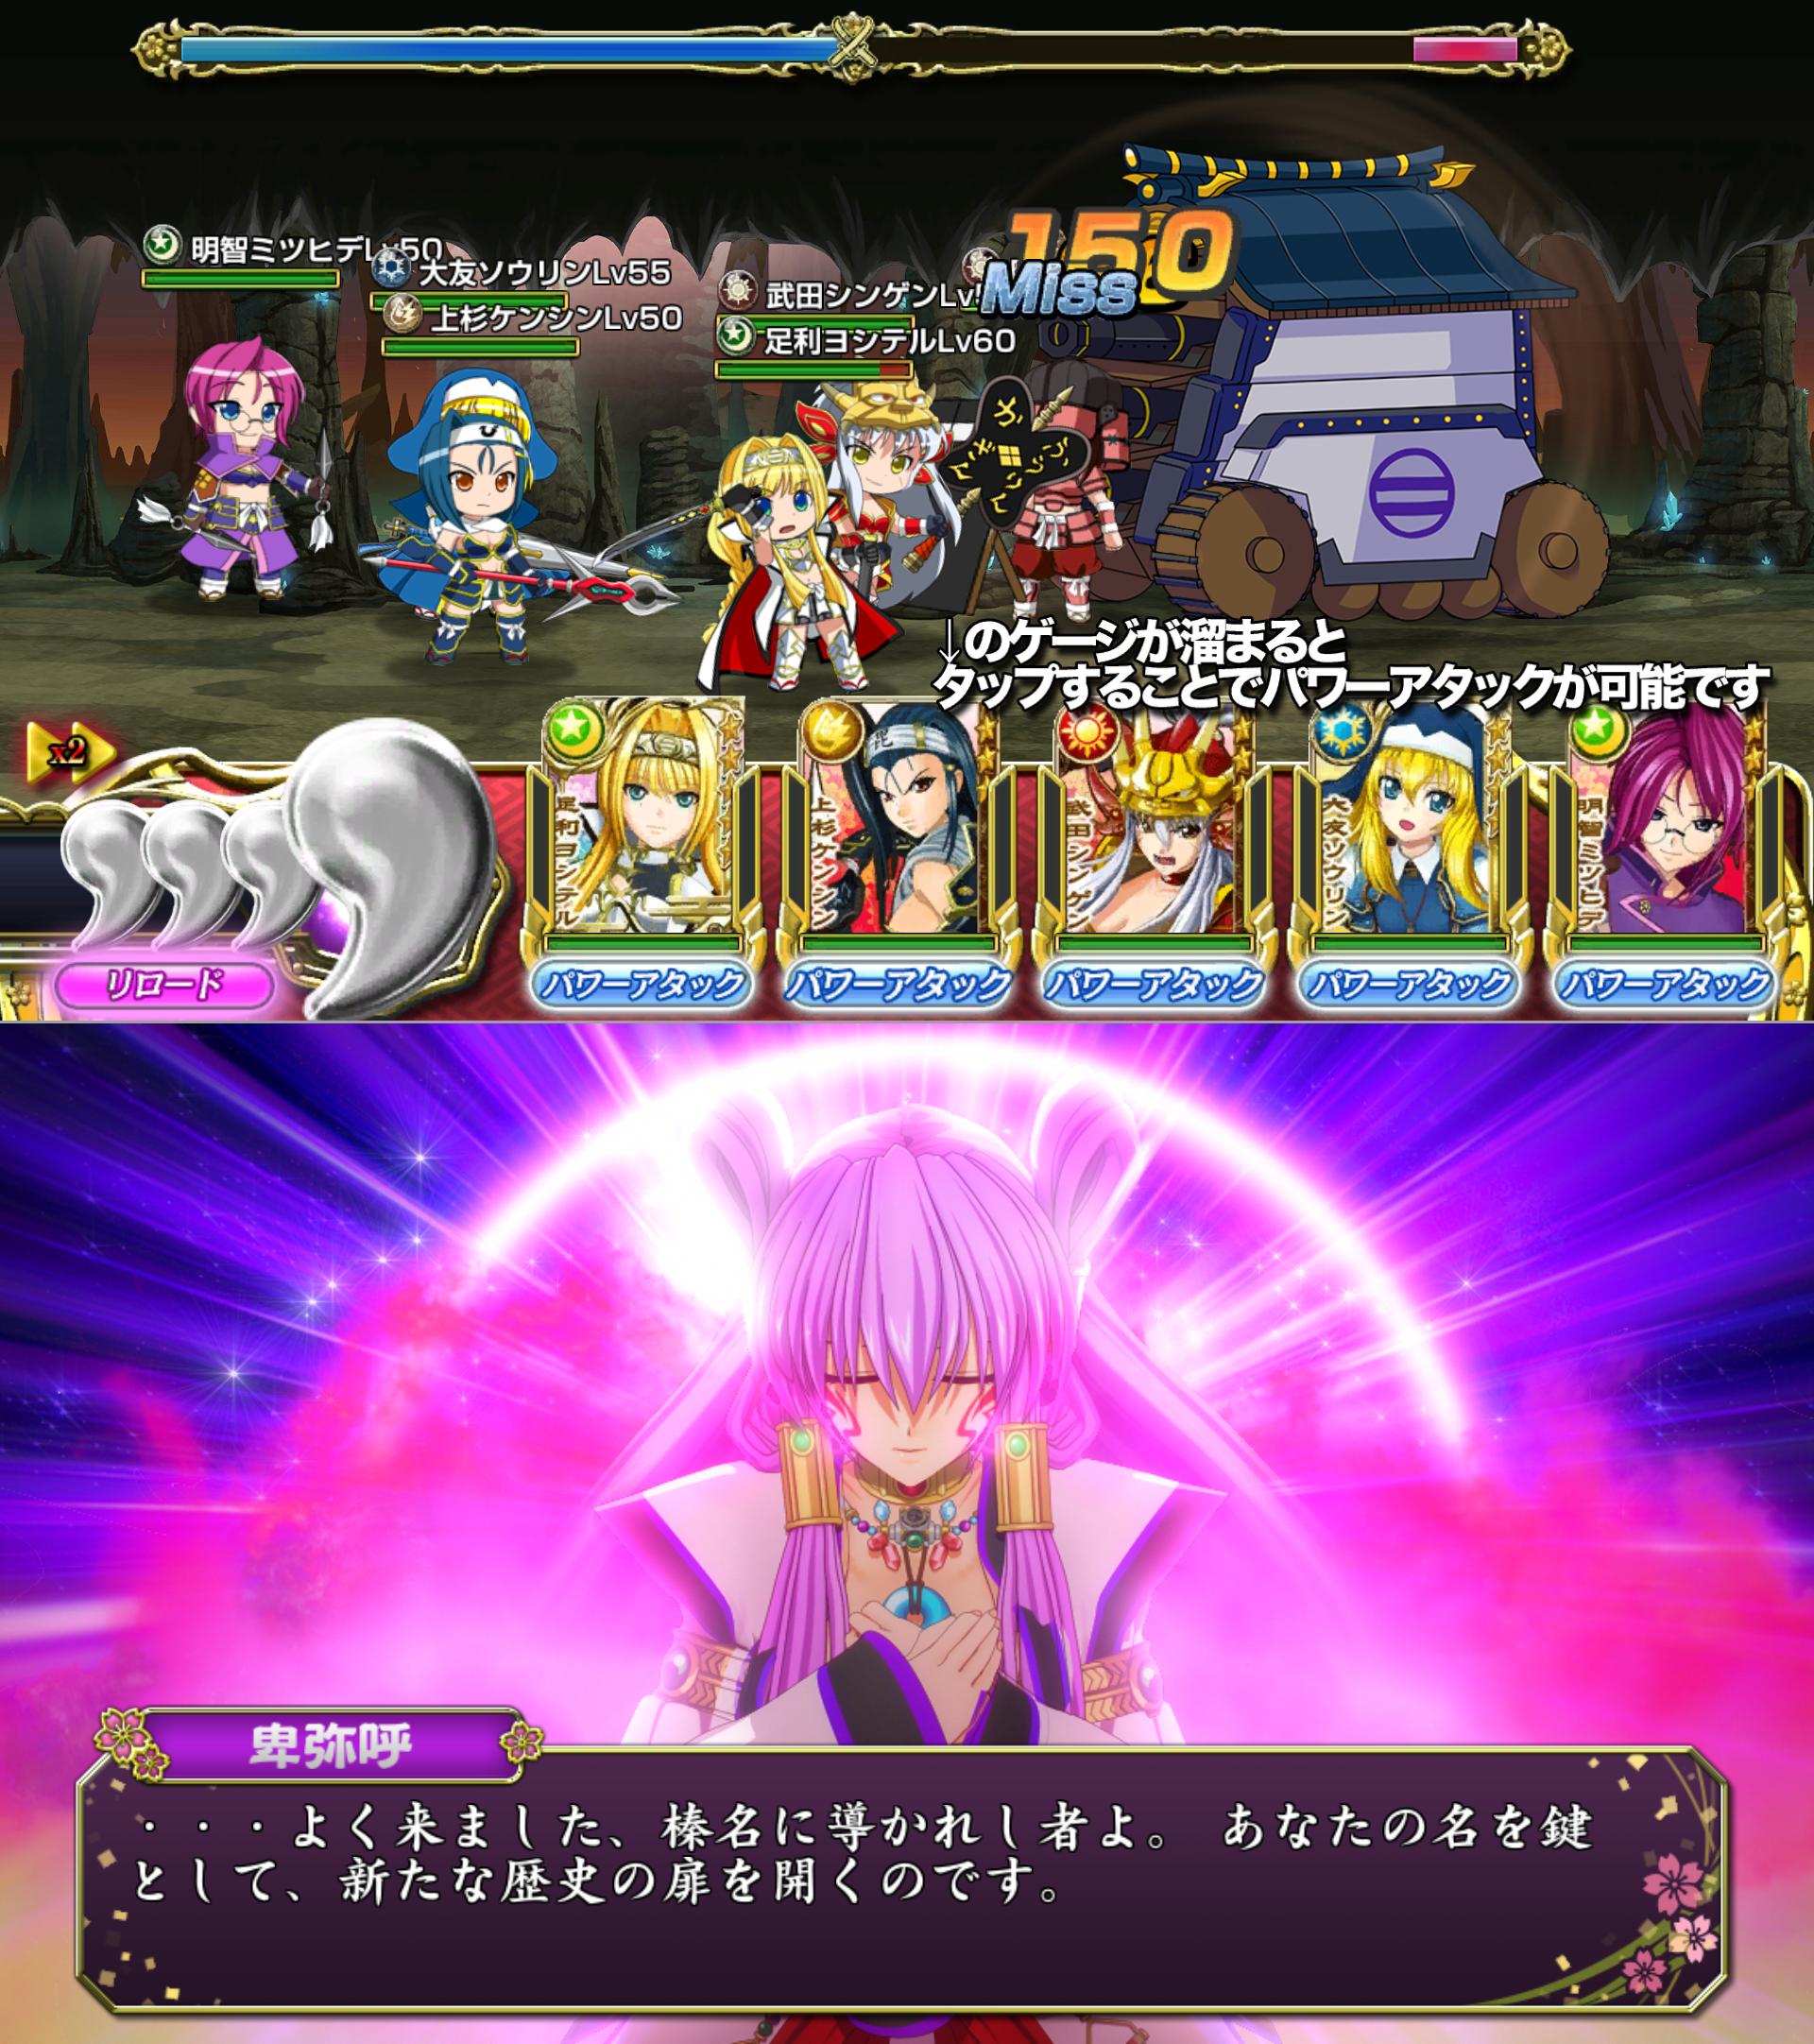 戦国乙女〜天下無敵の乙女バトル〜 androidアプリスクリーンショット1